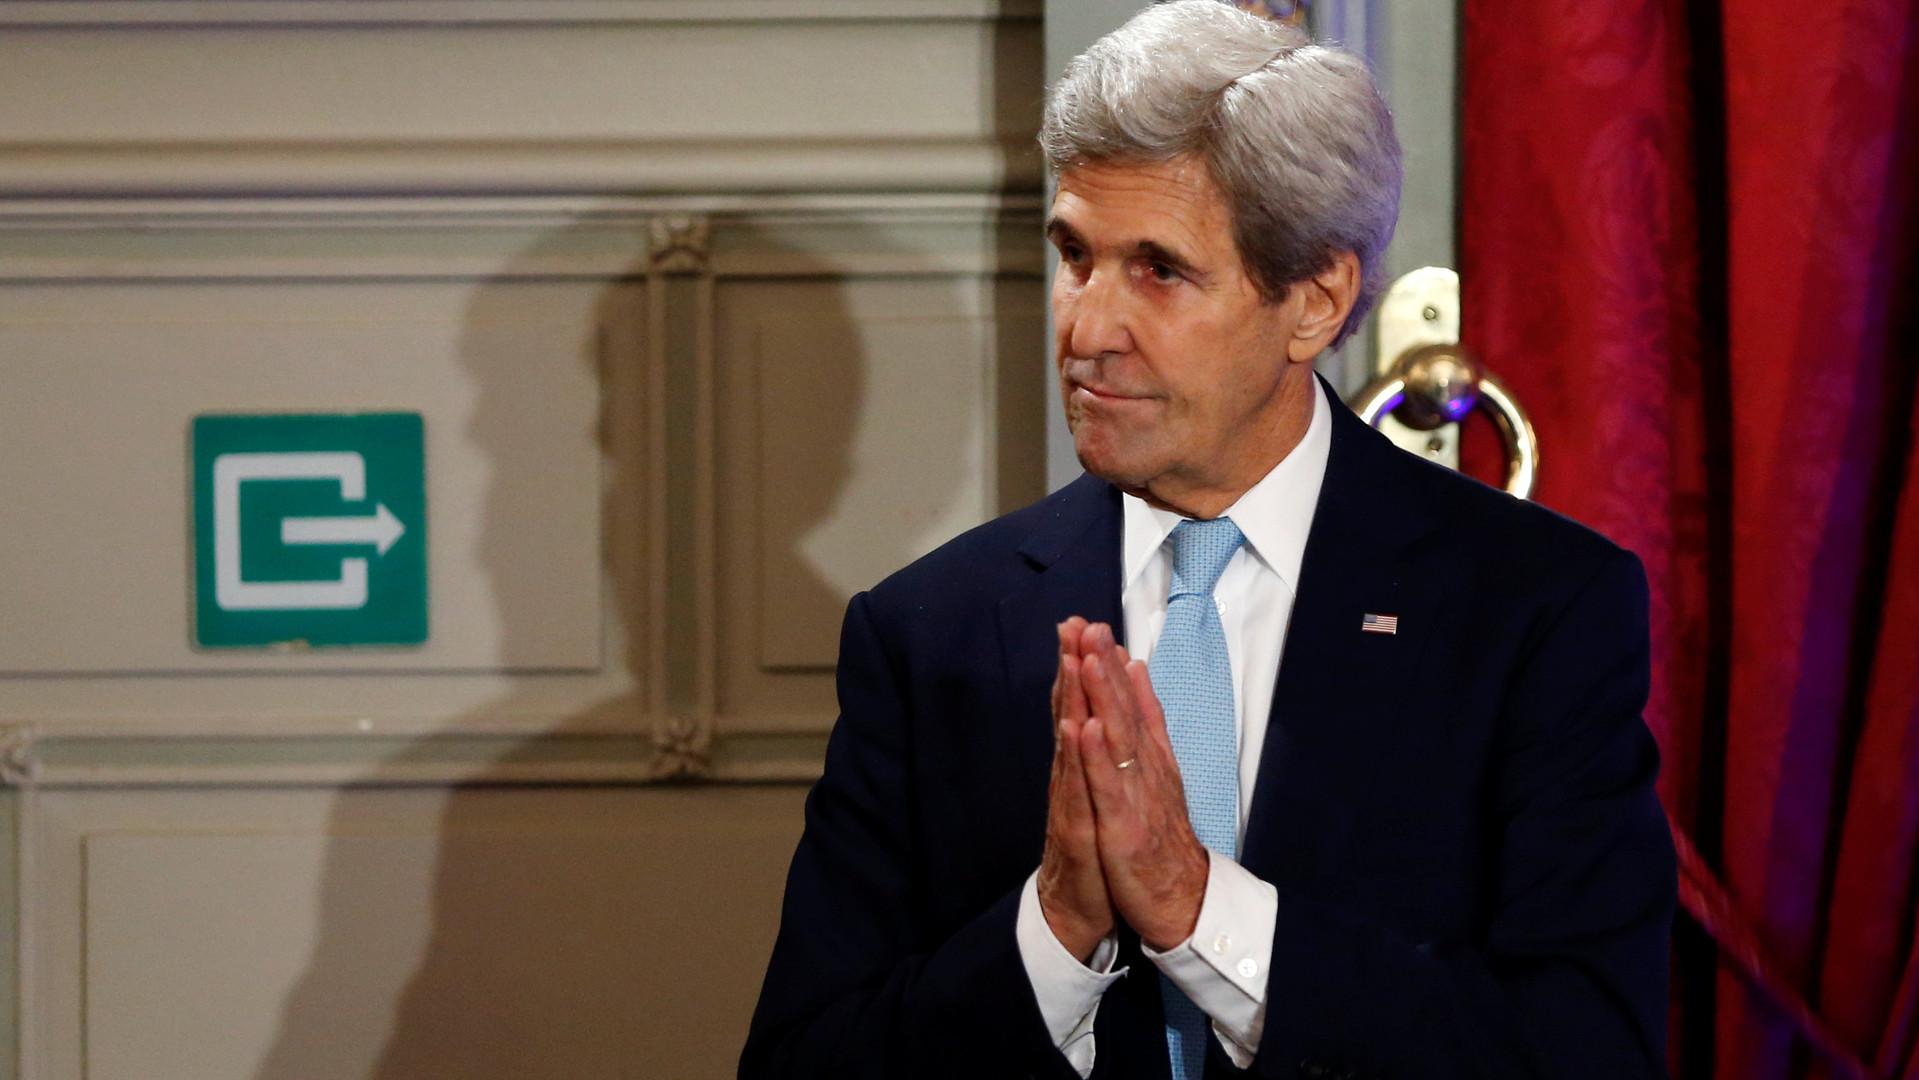 Уроки дипломатии: как Керри и Лавров реагируют на срыв перемирия в Сирии